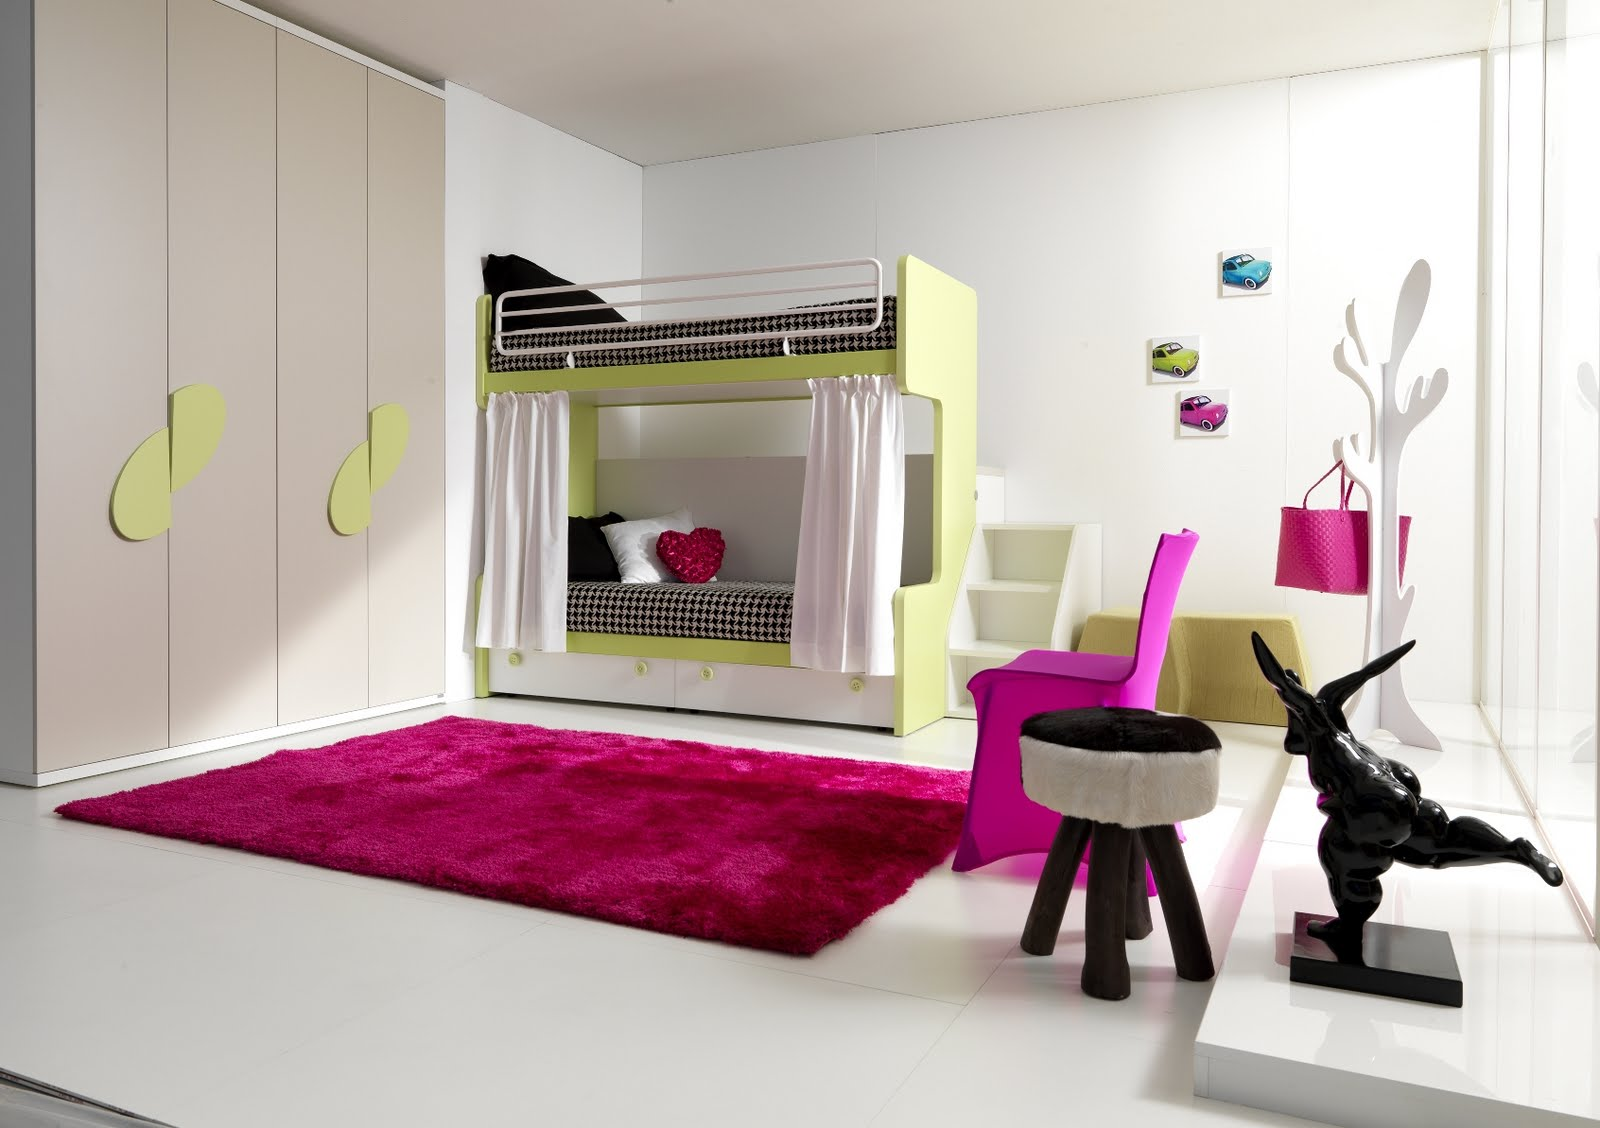 Bonetti camerette bonetti bedrooms offerta camerette doimo for 3 camere da letto 3 piani del bagno